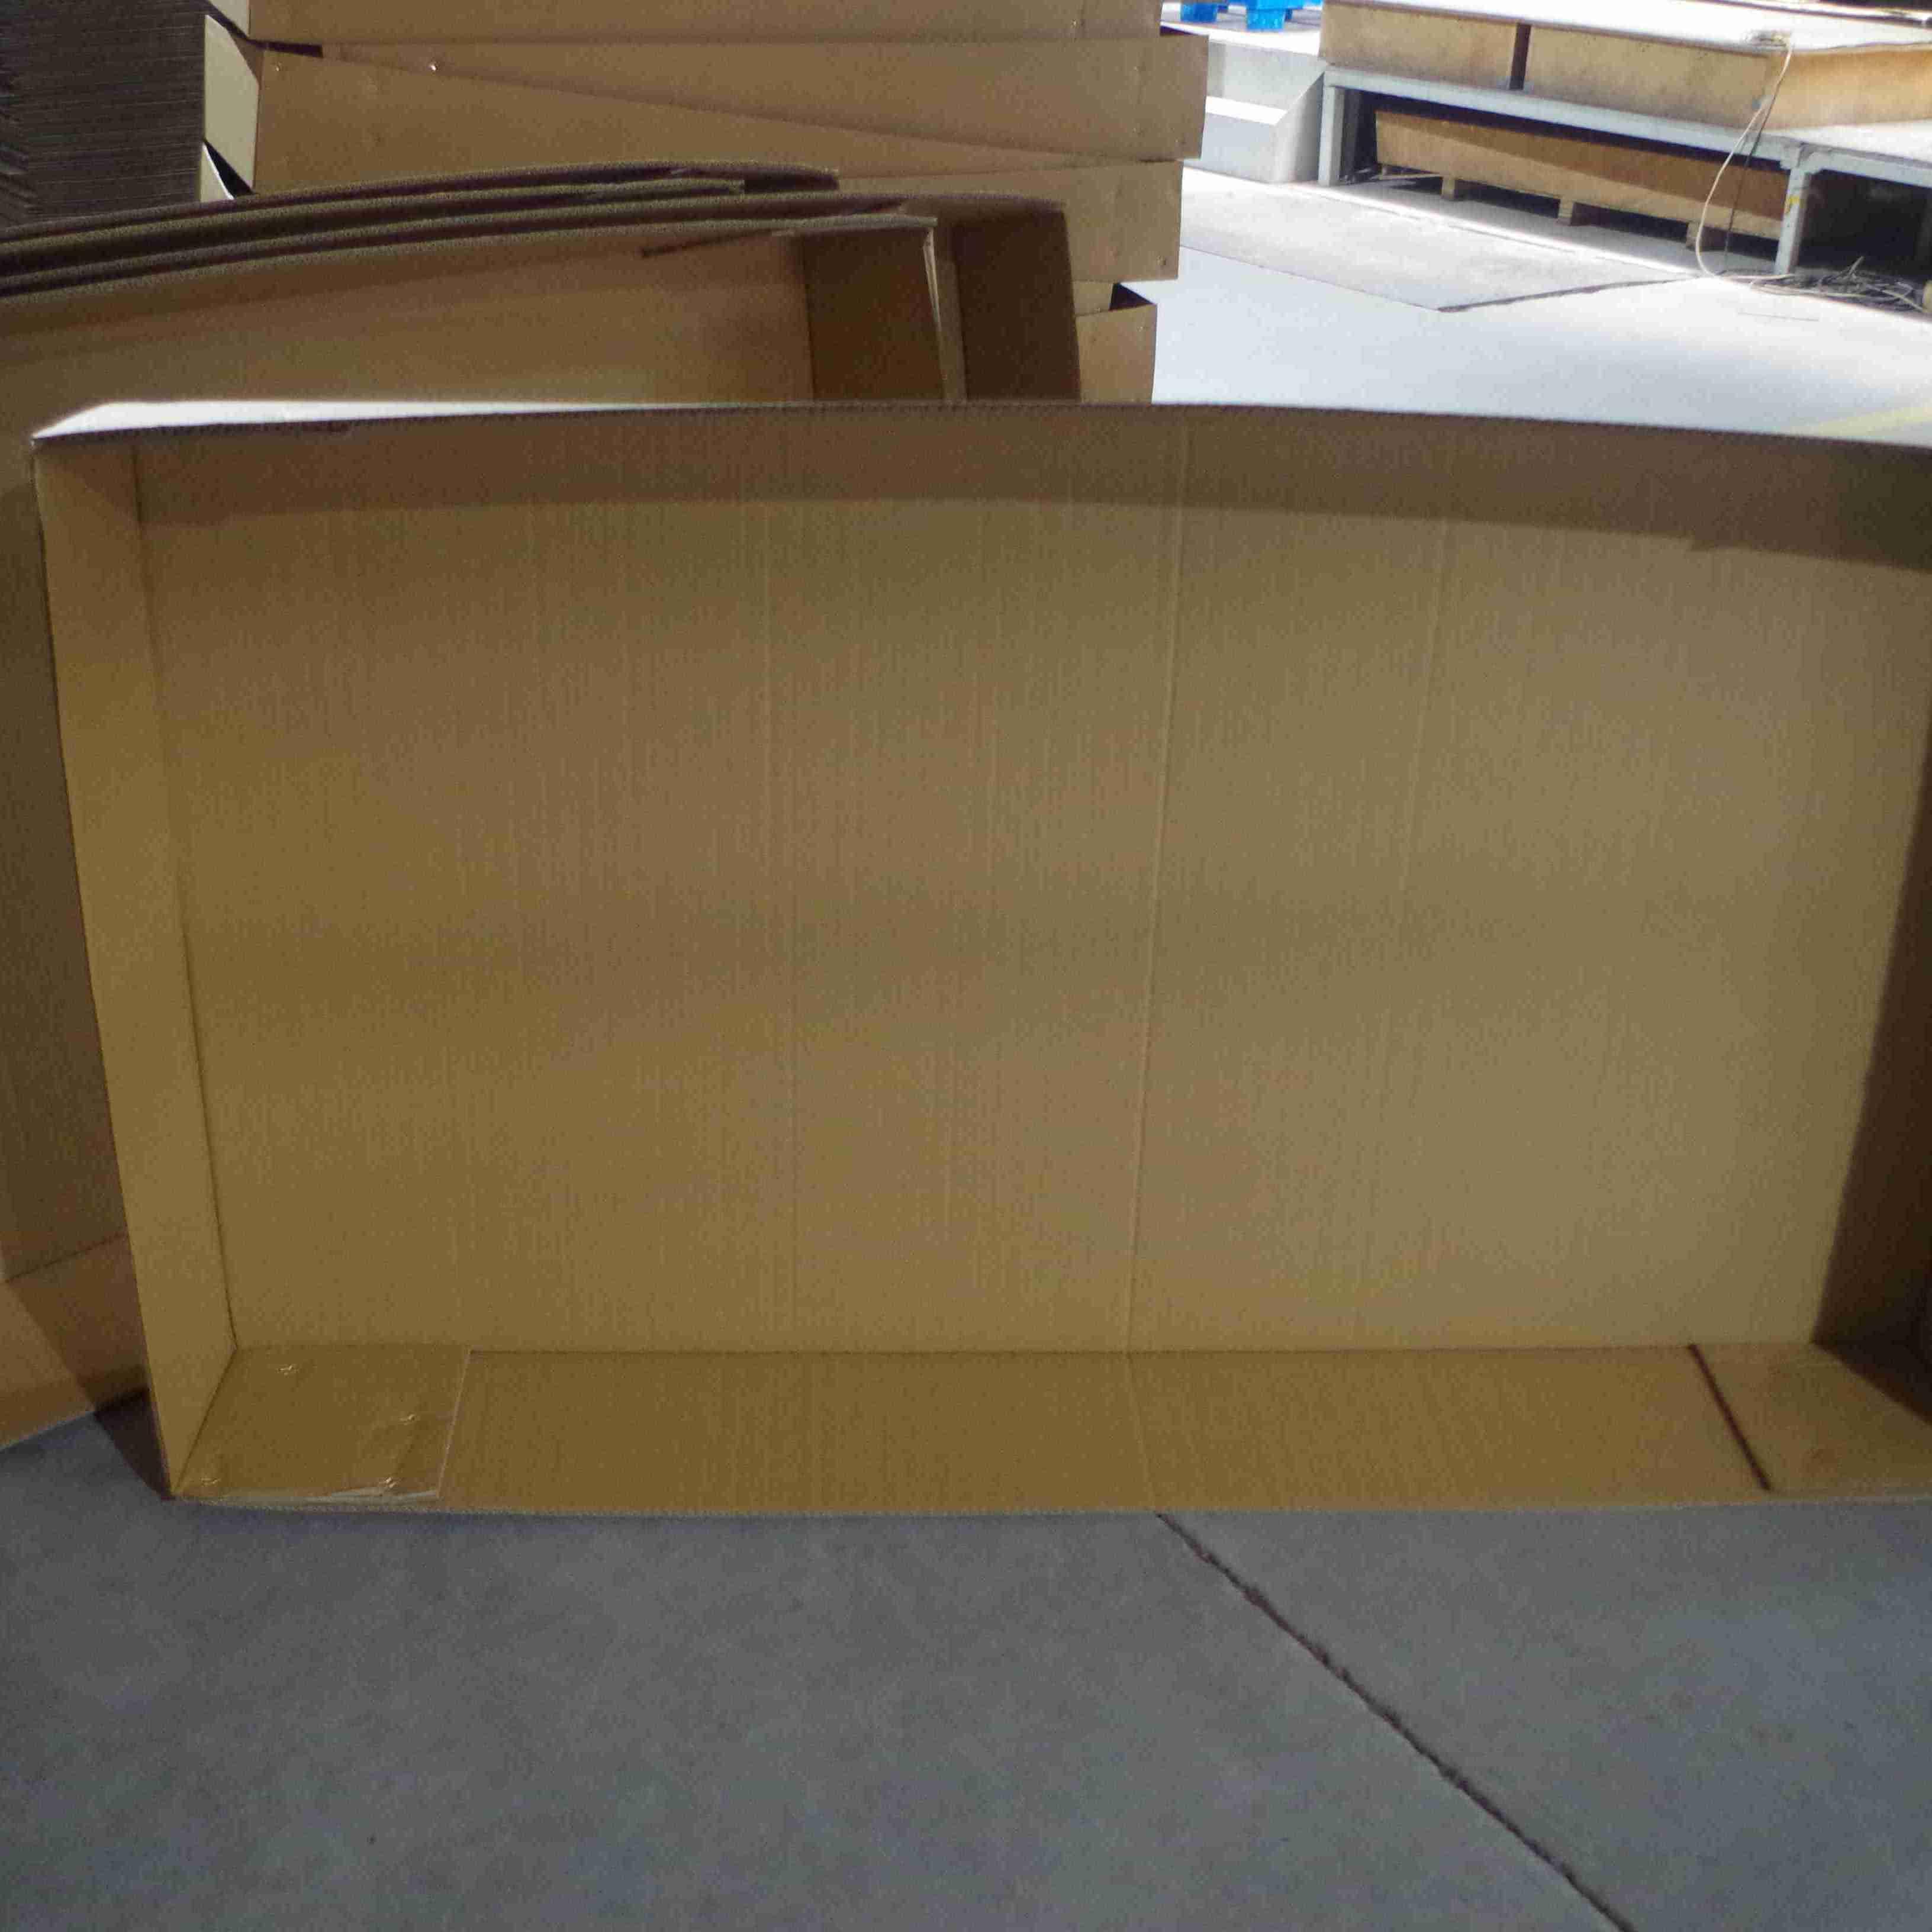 兴业纸箱 优质的纸箱 合适的价格 价格电话联系